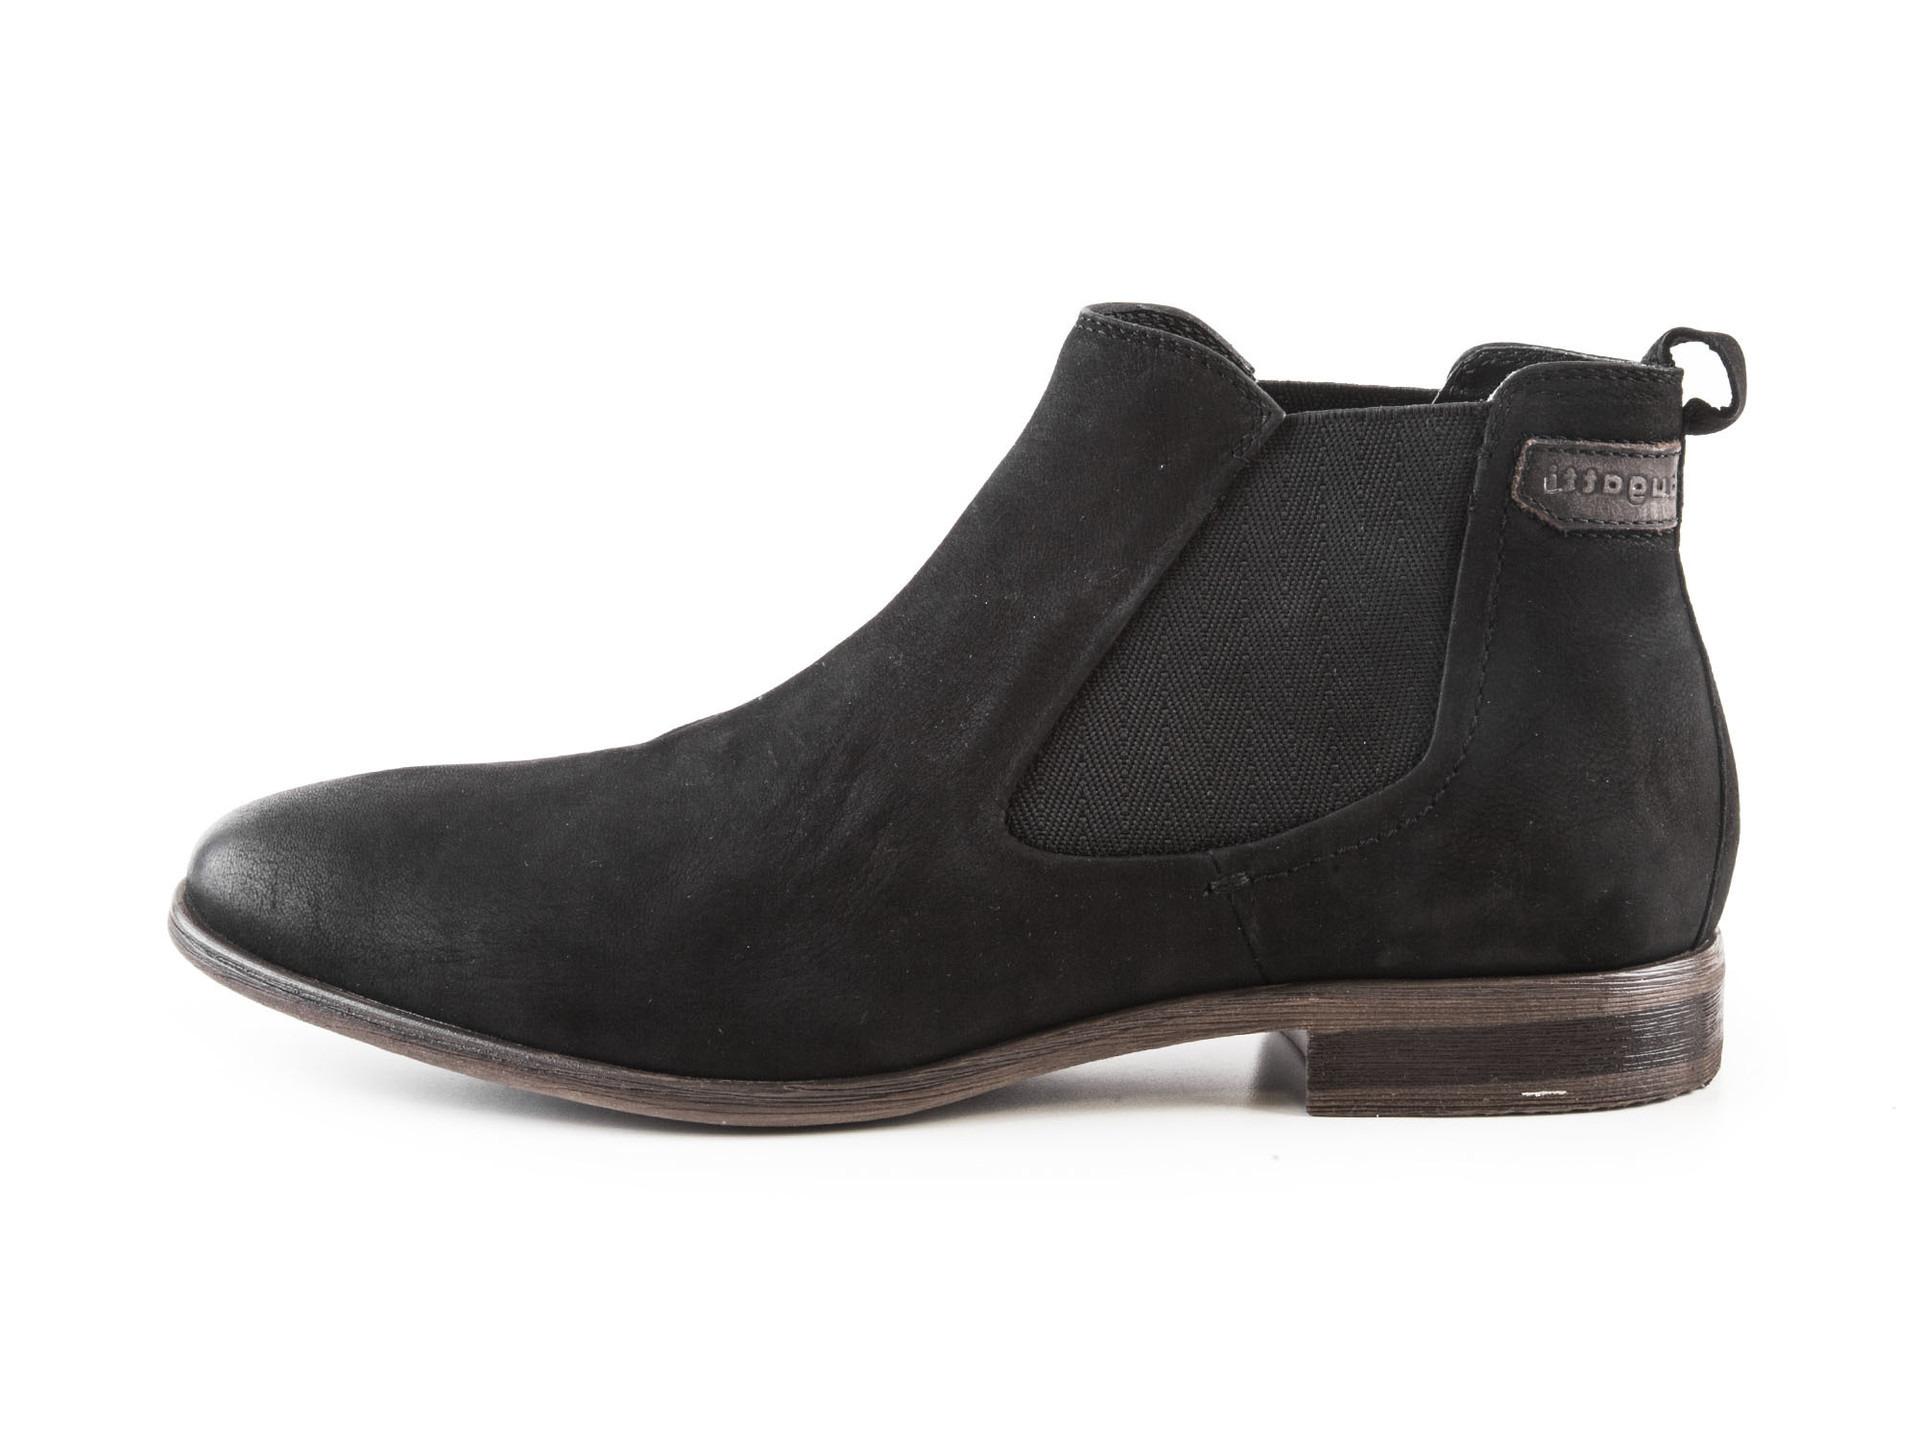 Soňa - Pánska obuv - Členková - Pánska členková obuv značky Bugatti 2996567287